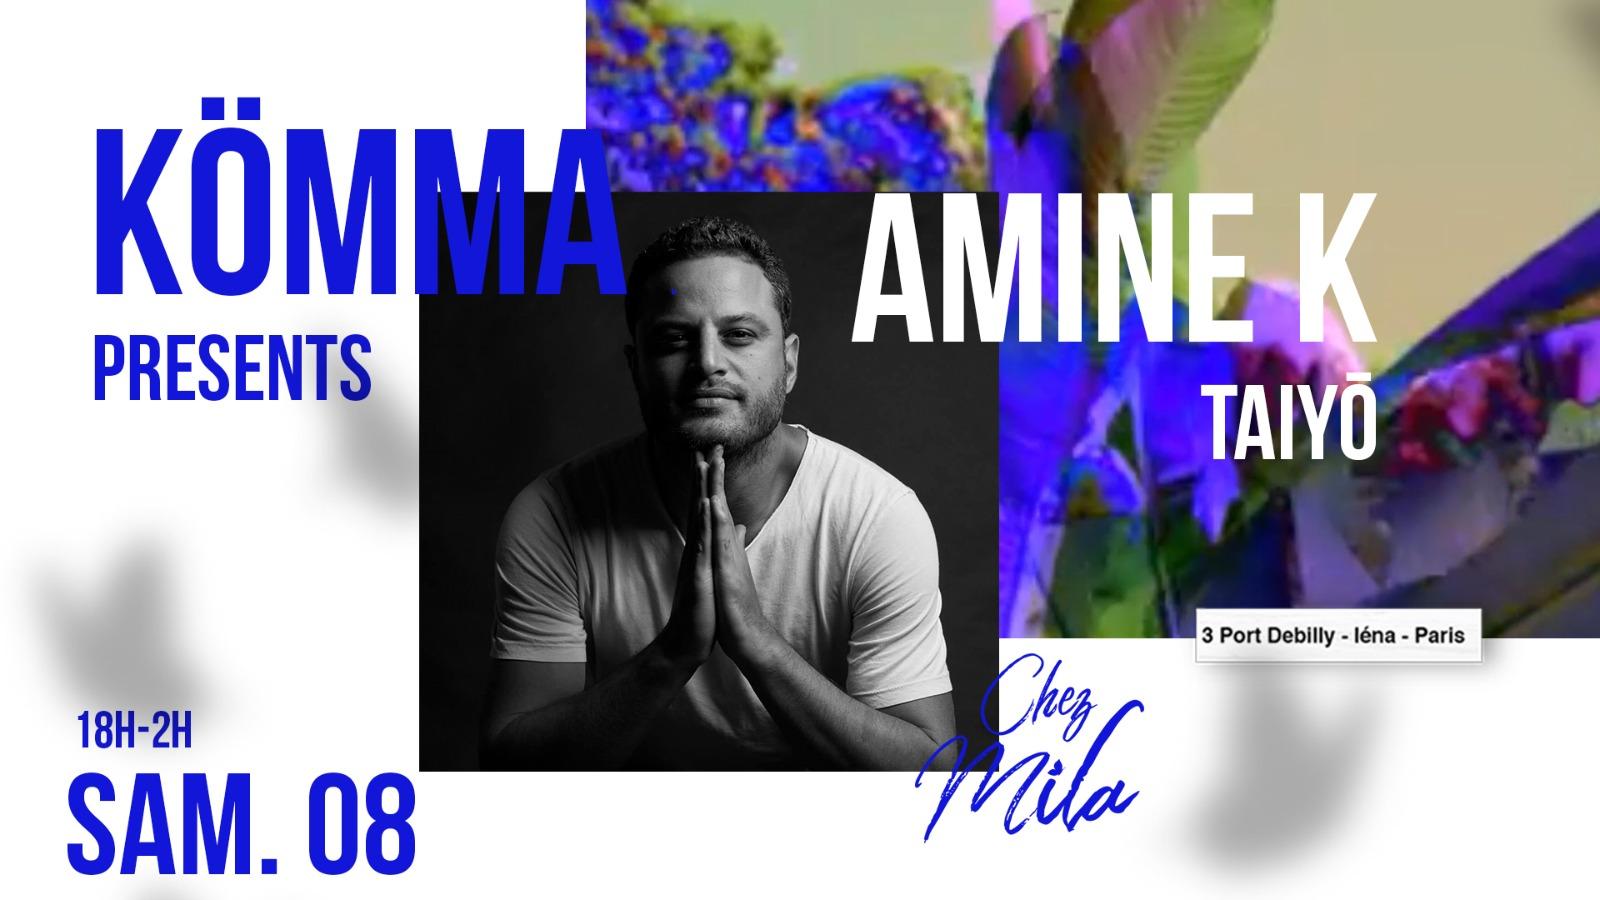 KÖMMA Paris x Chez Mila presents : Amine K (Moroko Loko)